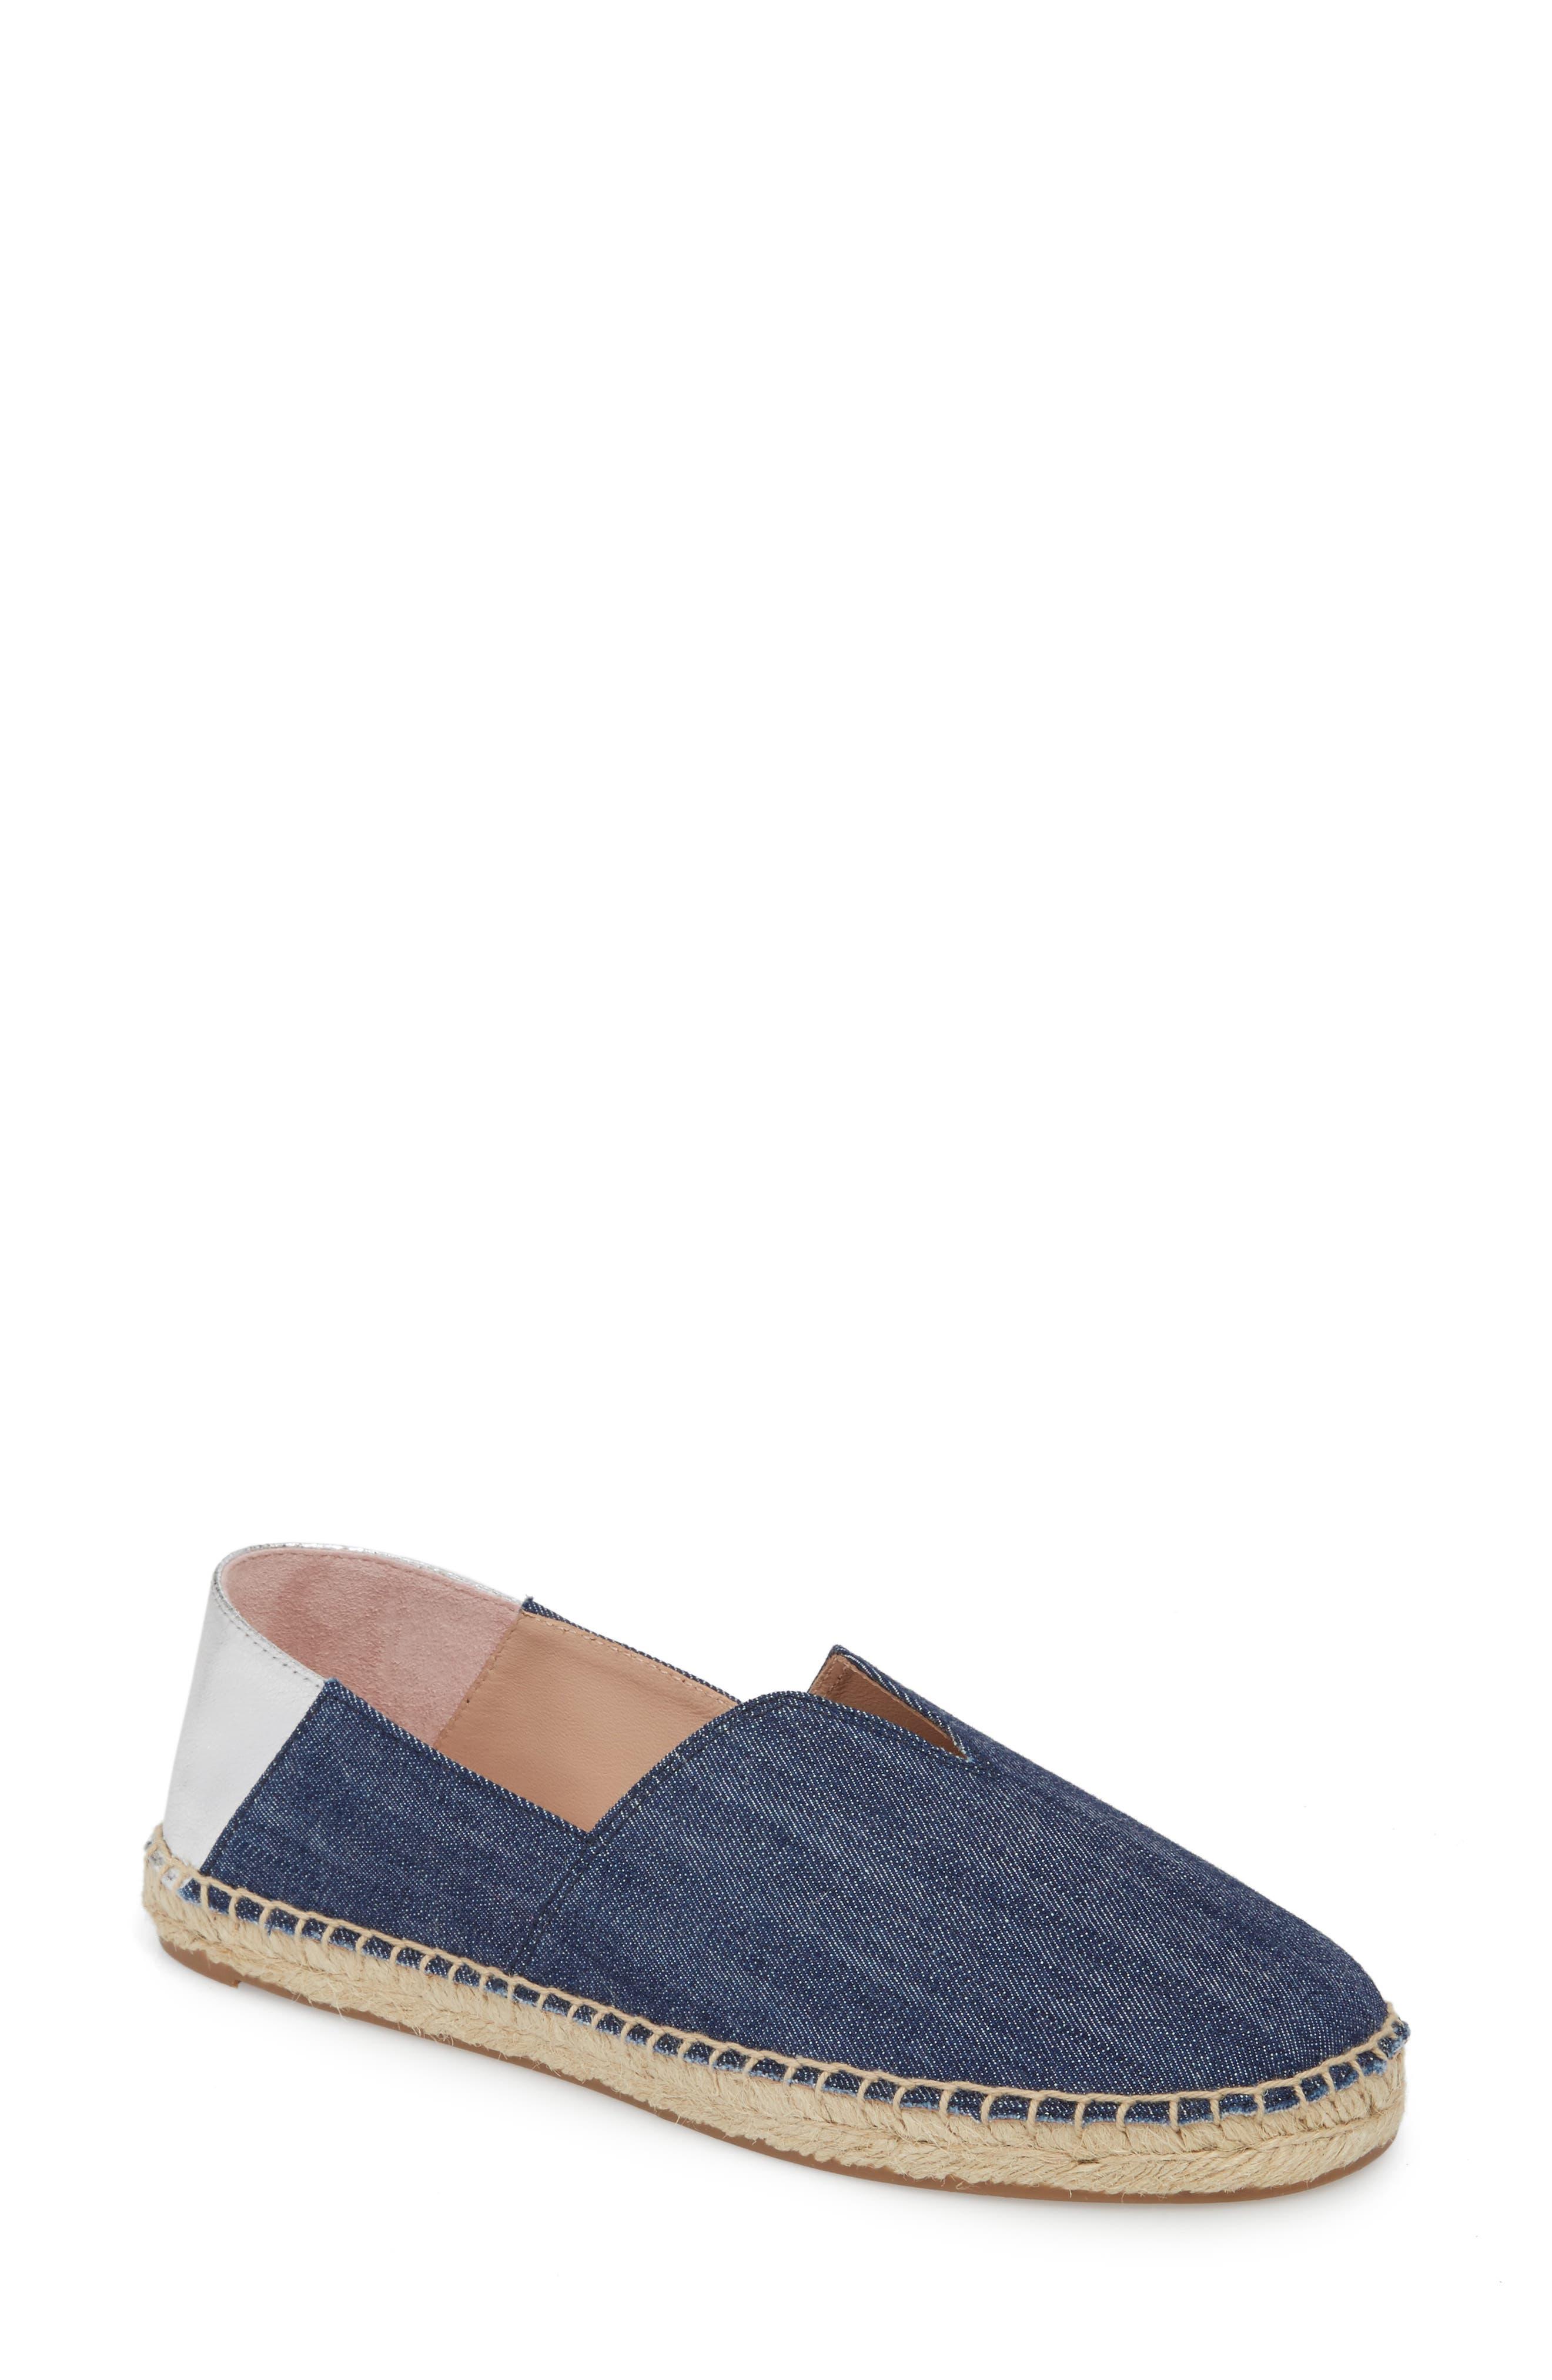 Ilene Slip-On Flat,                         Main,                         color, Denim Fabric